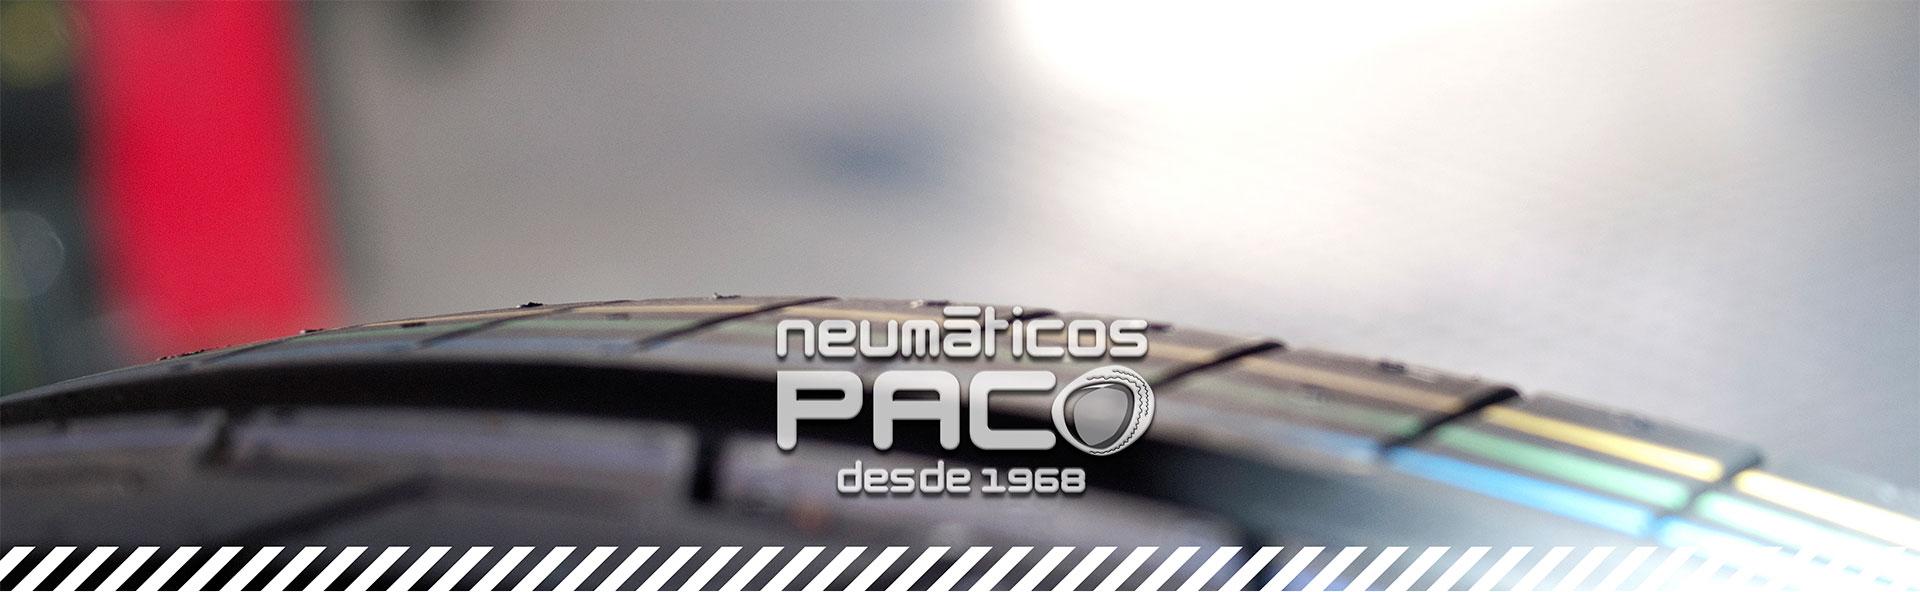 Taller de reparación Neumáticos Paco desde 1968